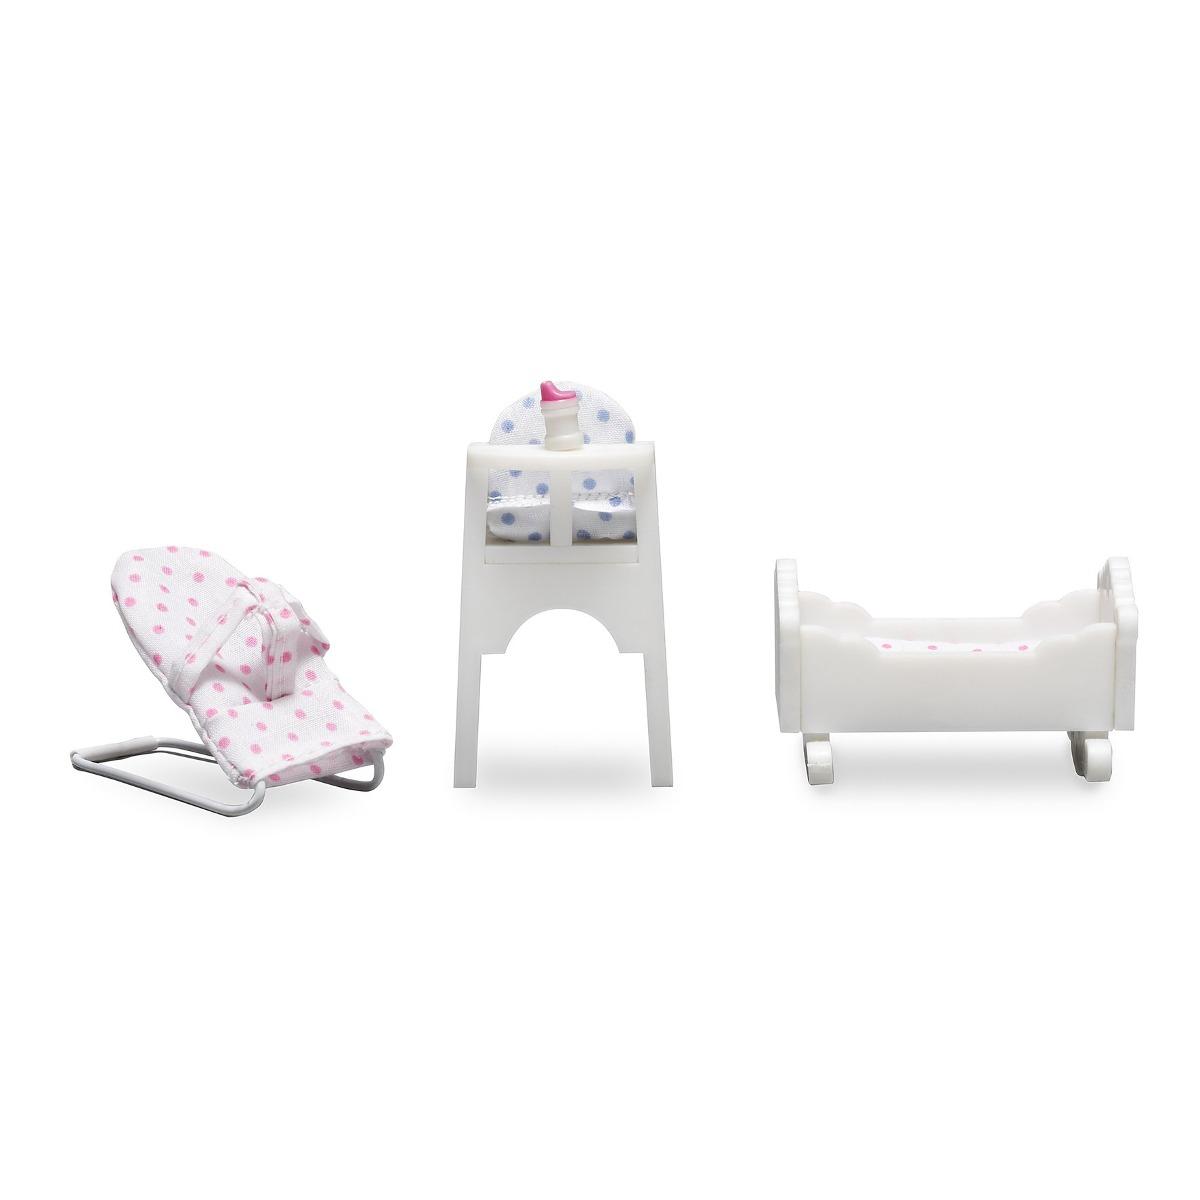 Juego De Muebles Para Bebés Lundby Smaland Dollhouse - $ 84.599 en ...